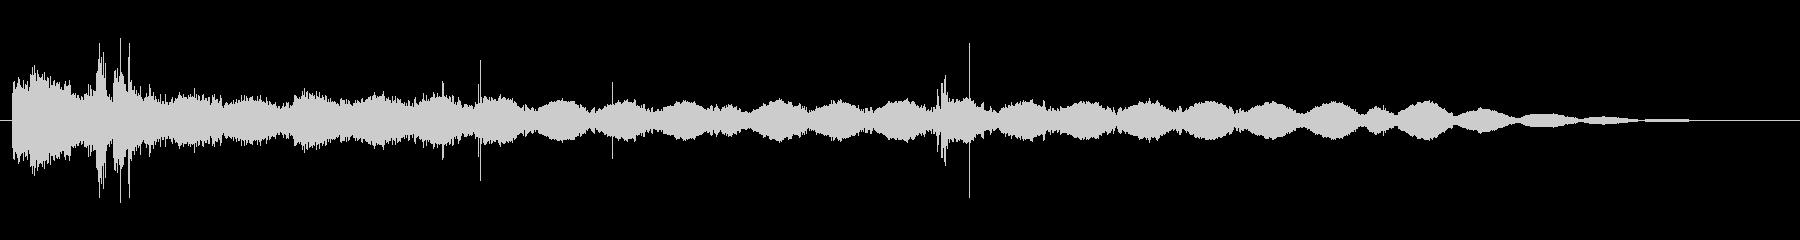 ボーンクランチングFXの未再生の波形